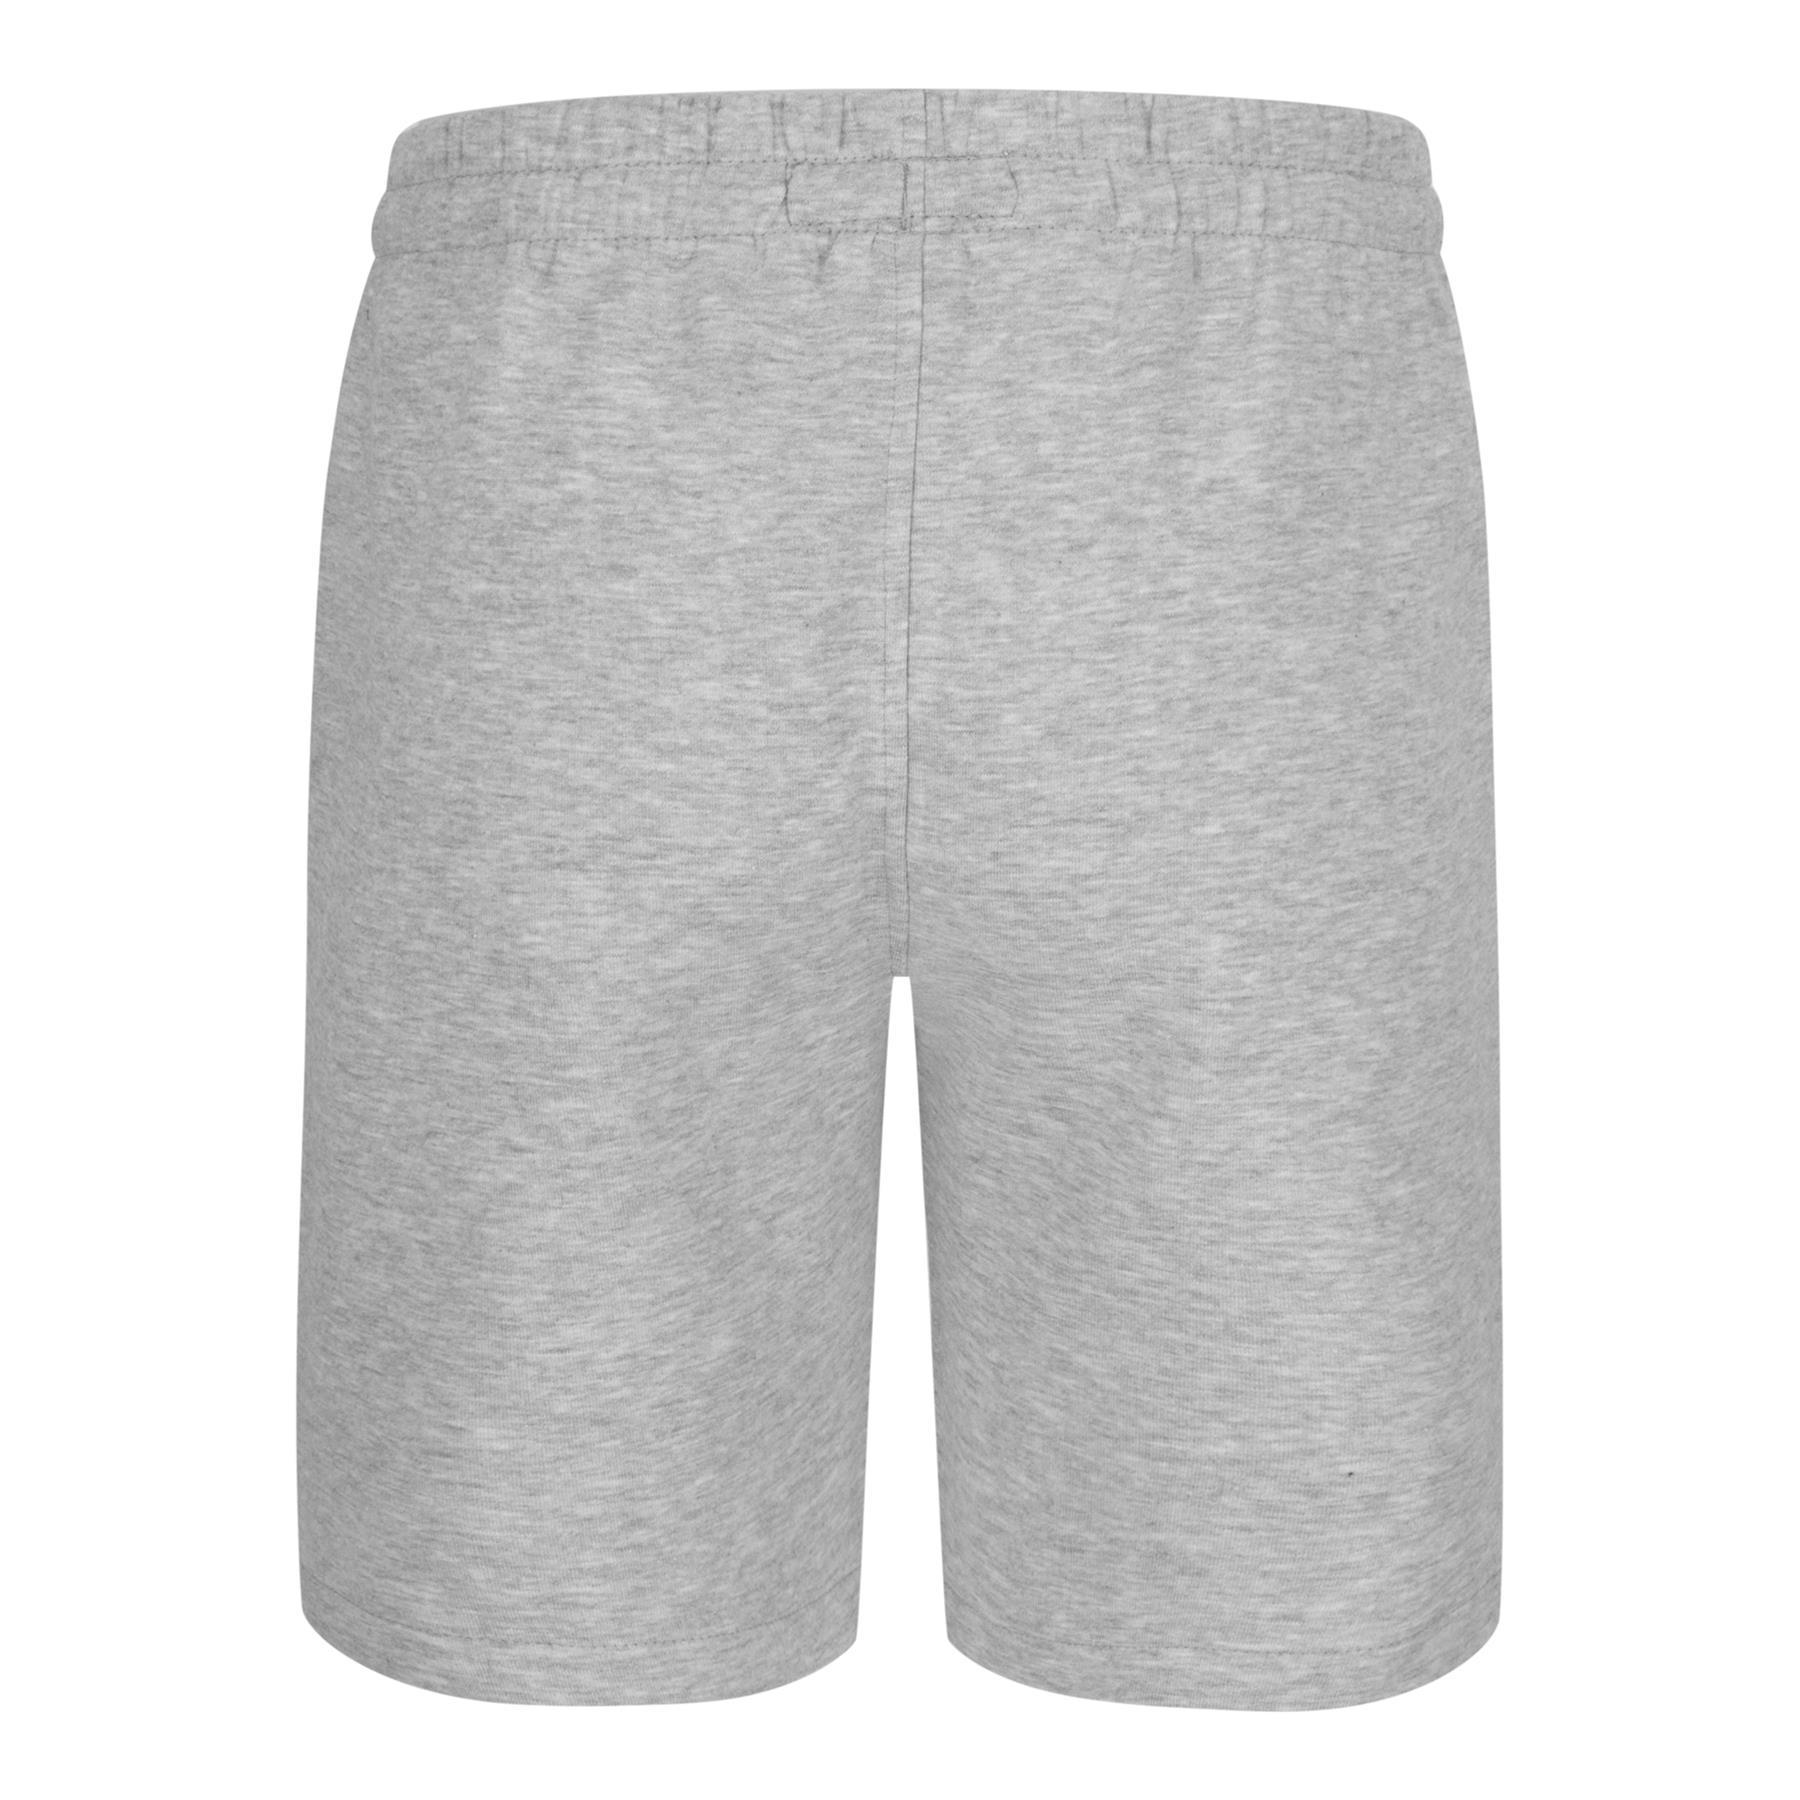 Garcons-Enfants-Jersey-Short-En-Coton-Ete-Decontracte-Premium-taille-elastique-Plage-Ete miniature 7